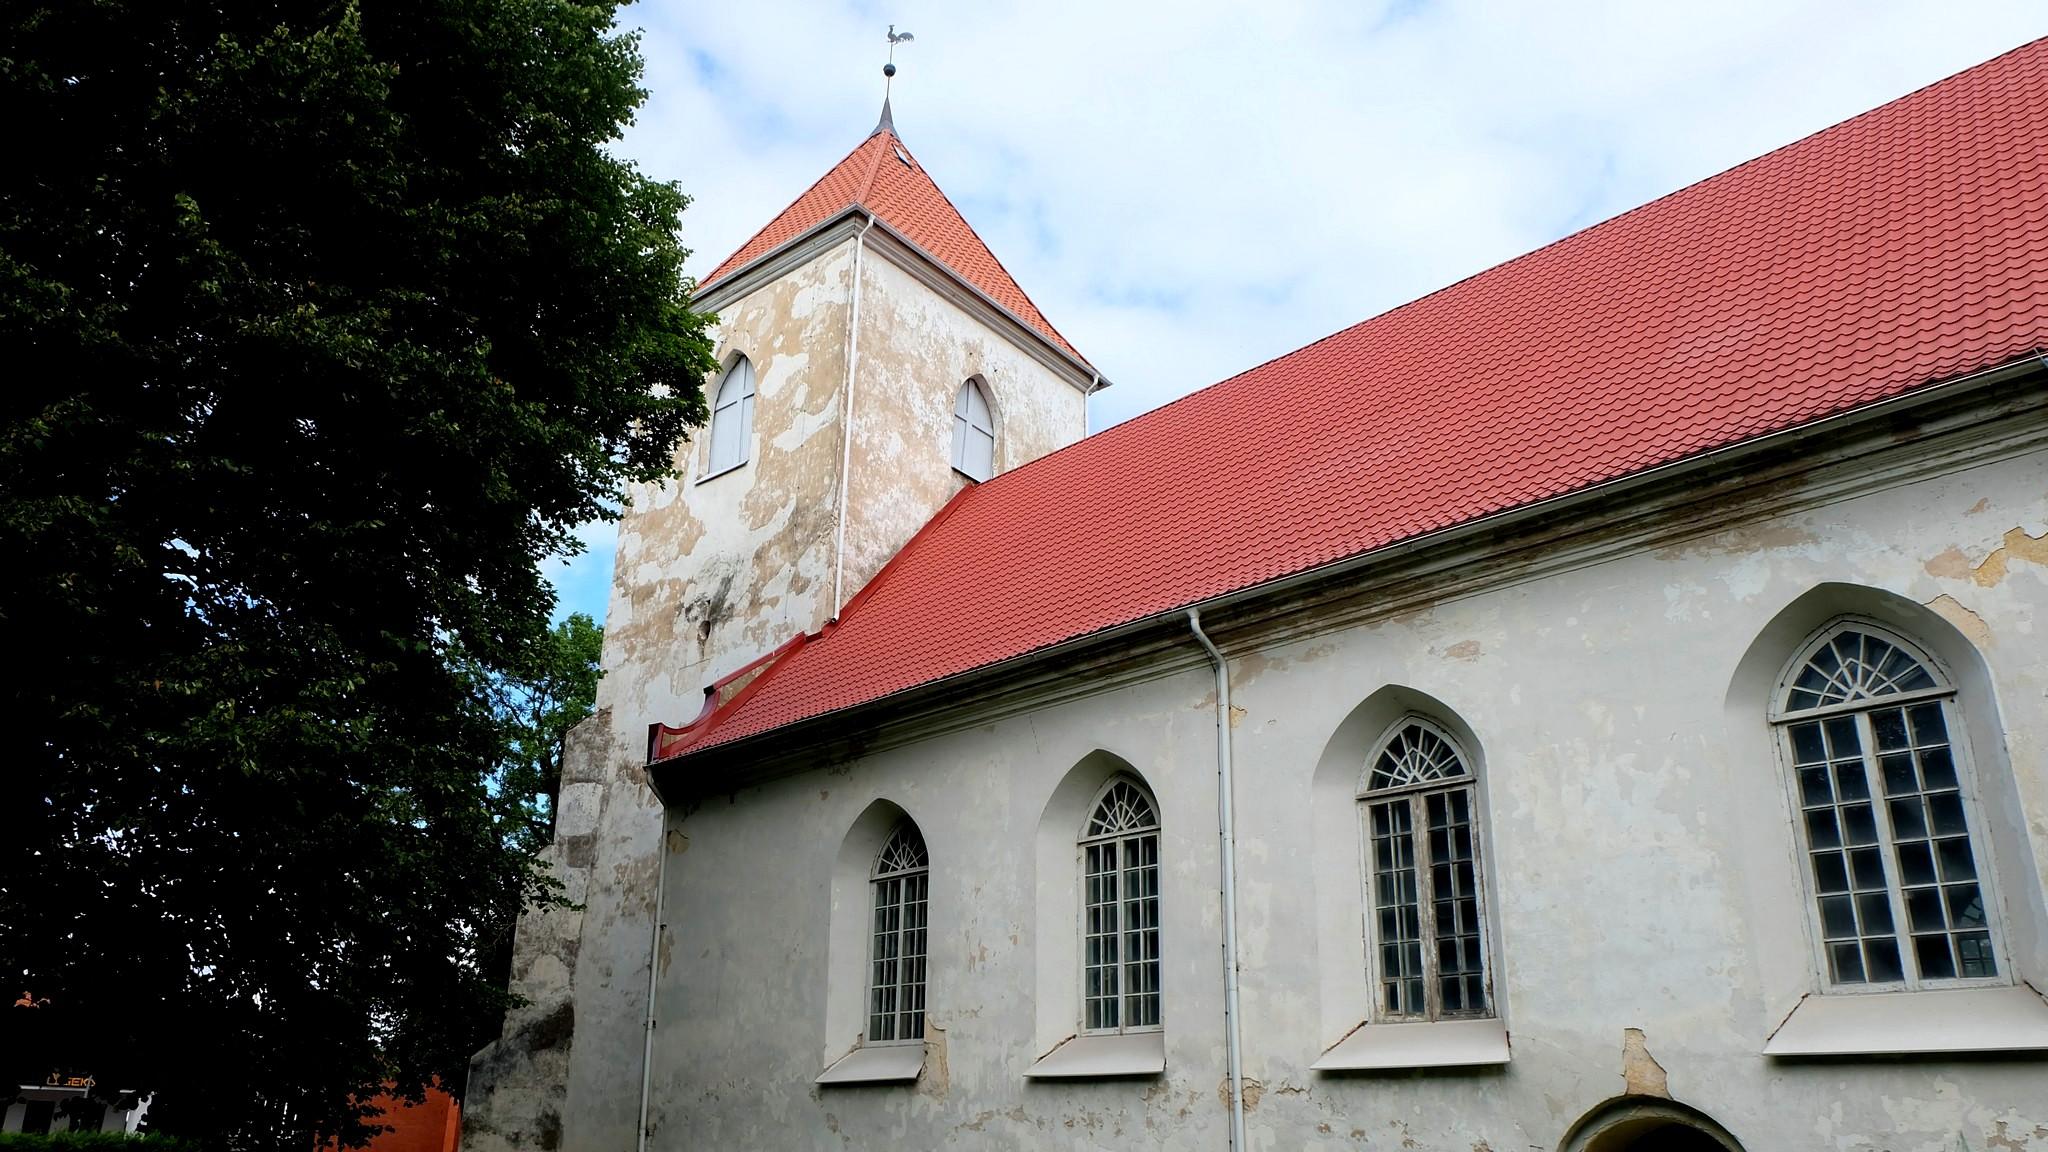 Bauskas Svētā Gara Evaņģēliski Luteriskā Baznīca, Bauska, Latvija